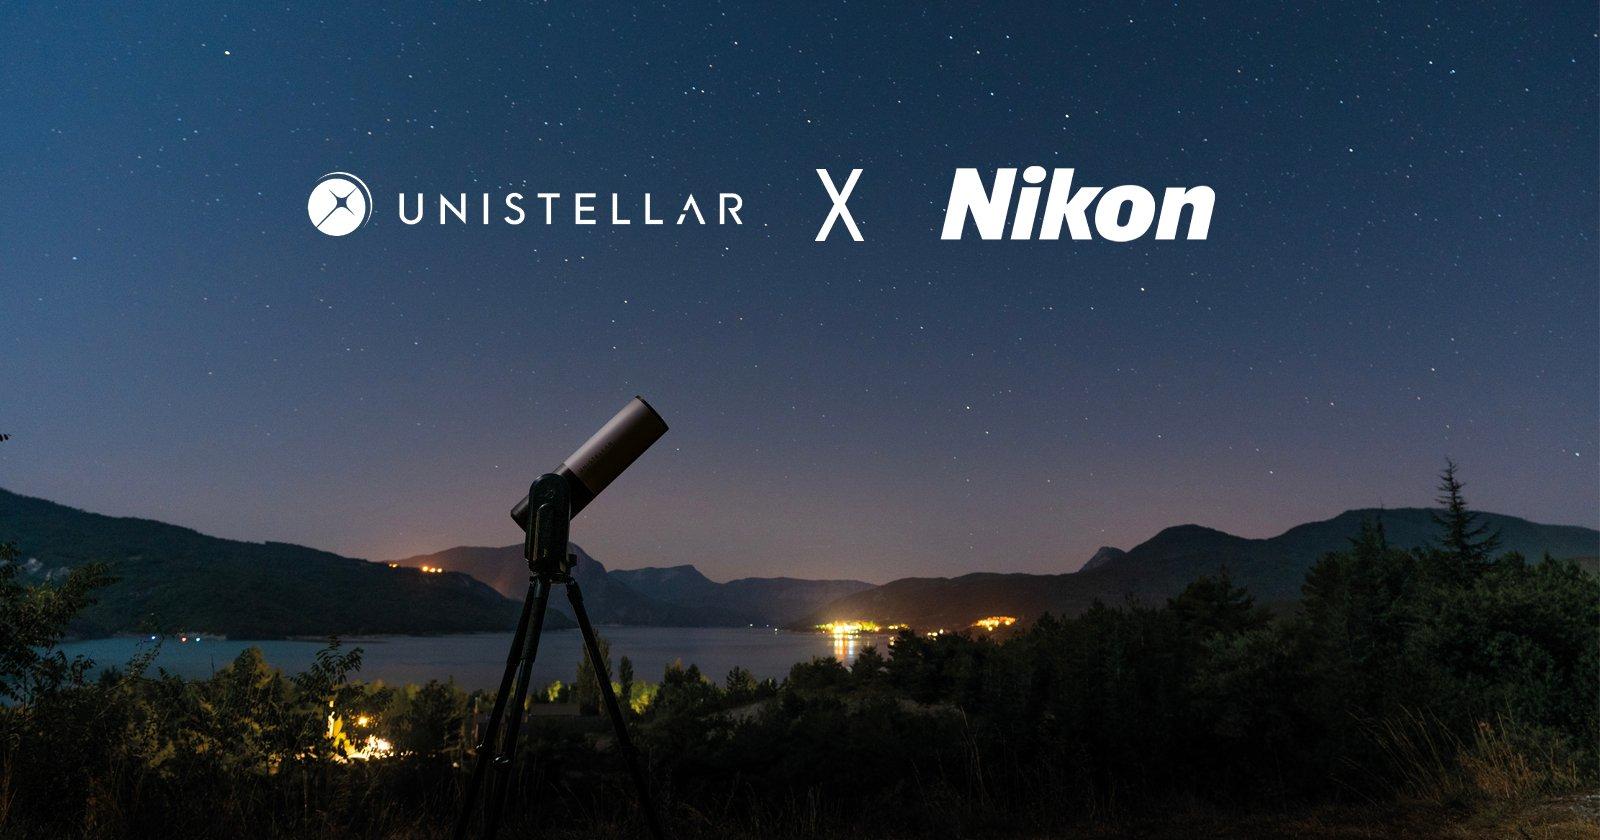 Nikon collabora con Unistellar per far progredire la tecnologia dei telescopi di consumo